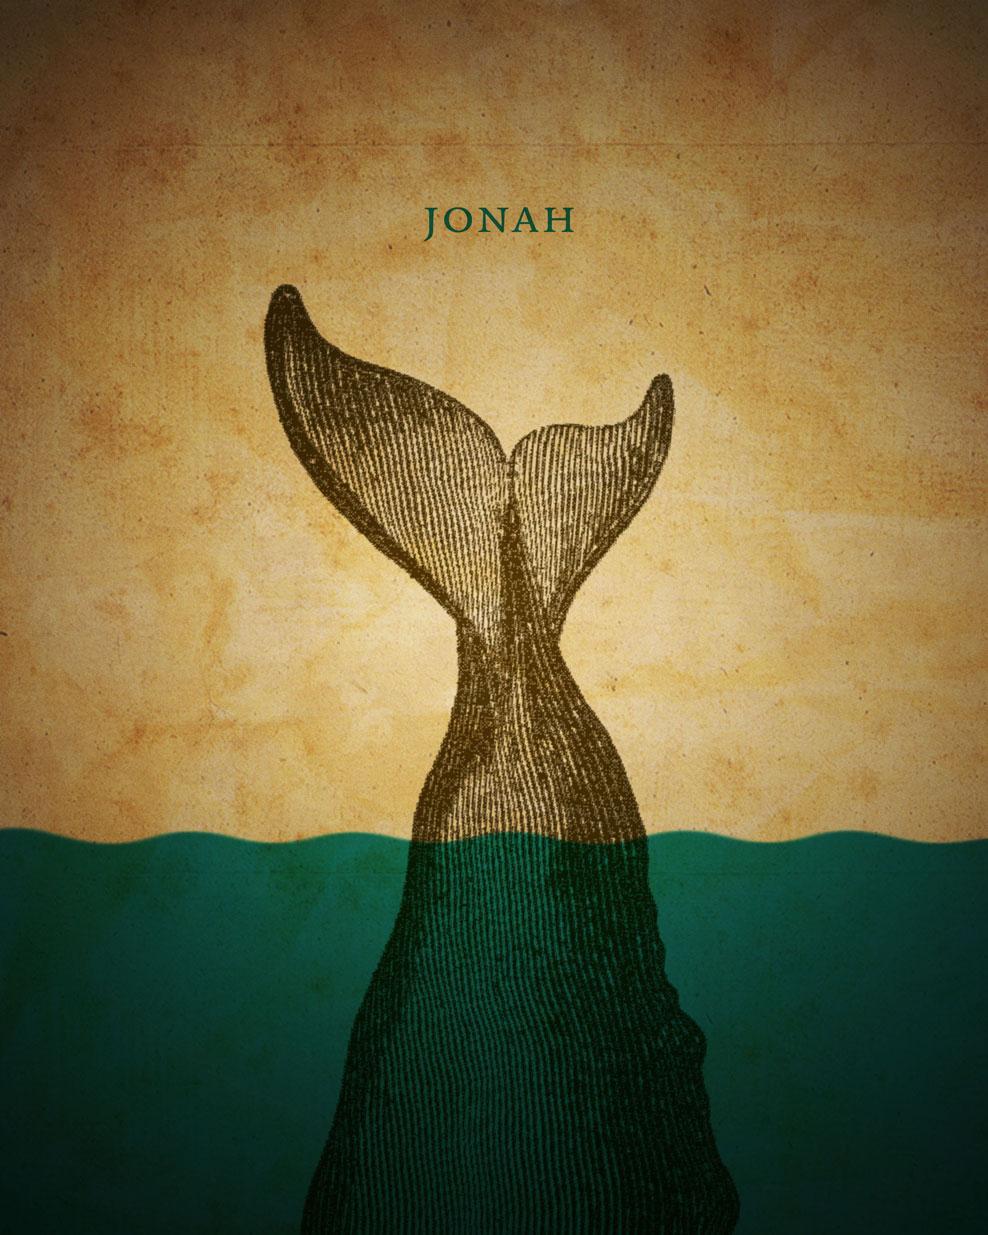 Word-8x10_32-Jonah_988.jpg